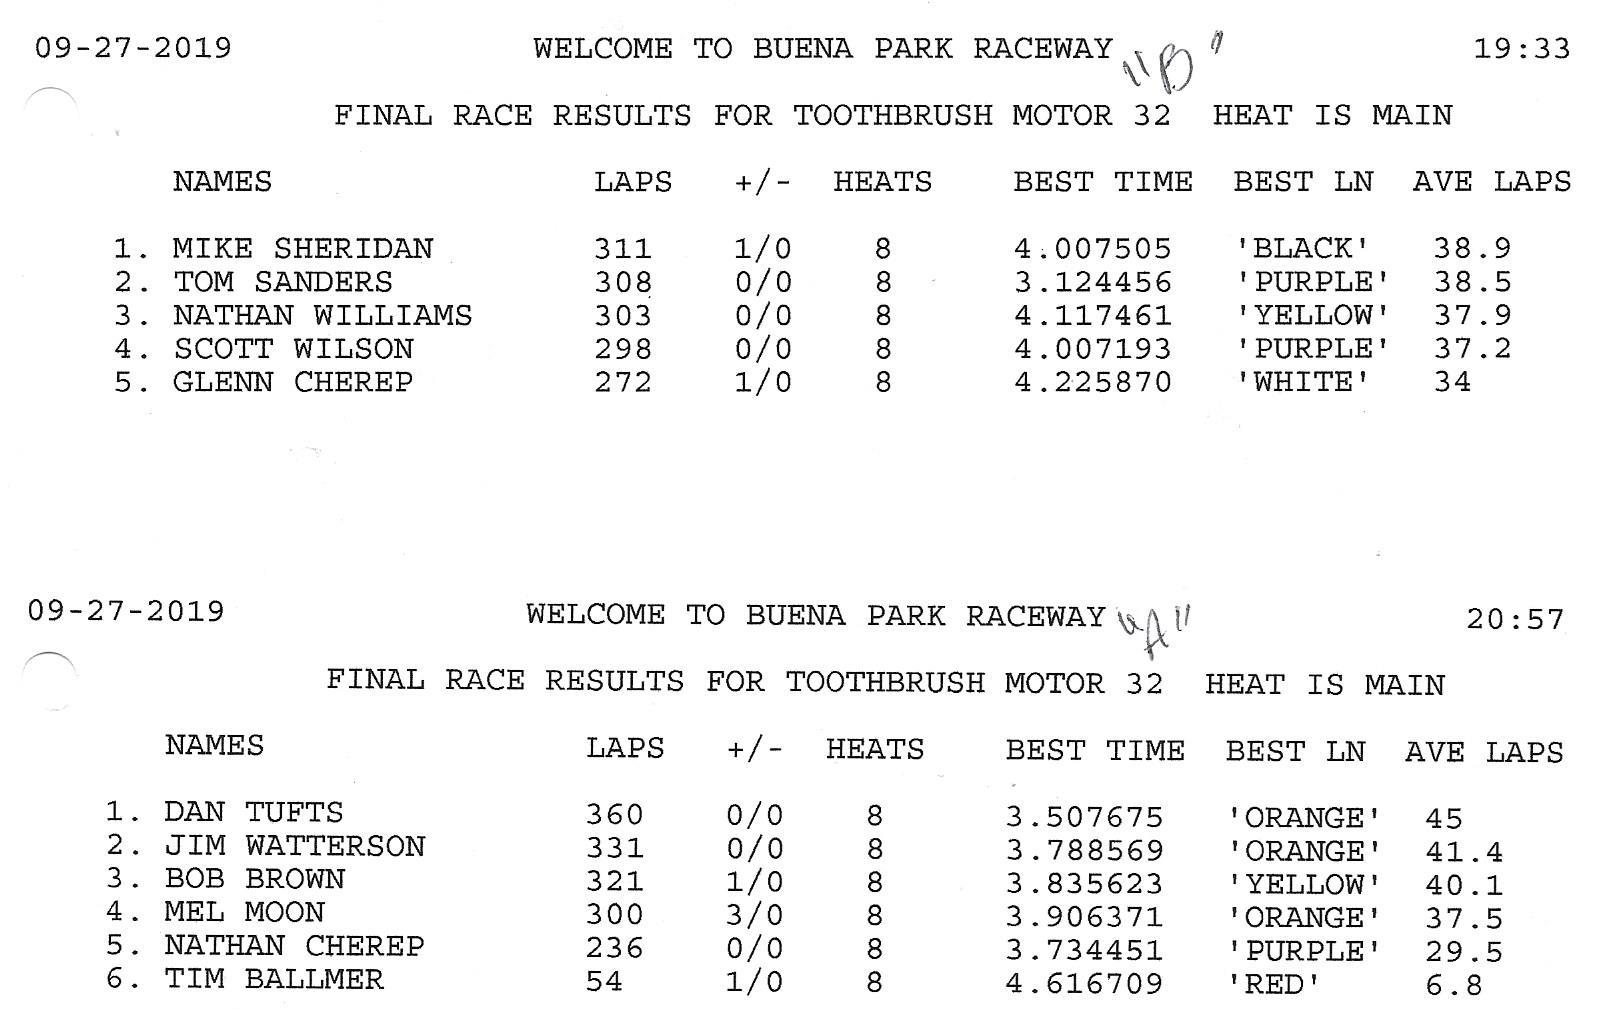 92719 tb results.jpeg